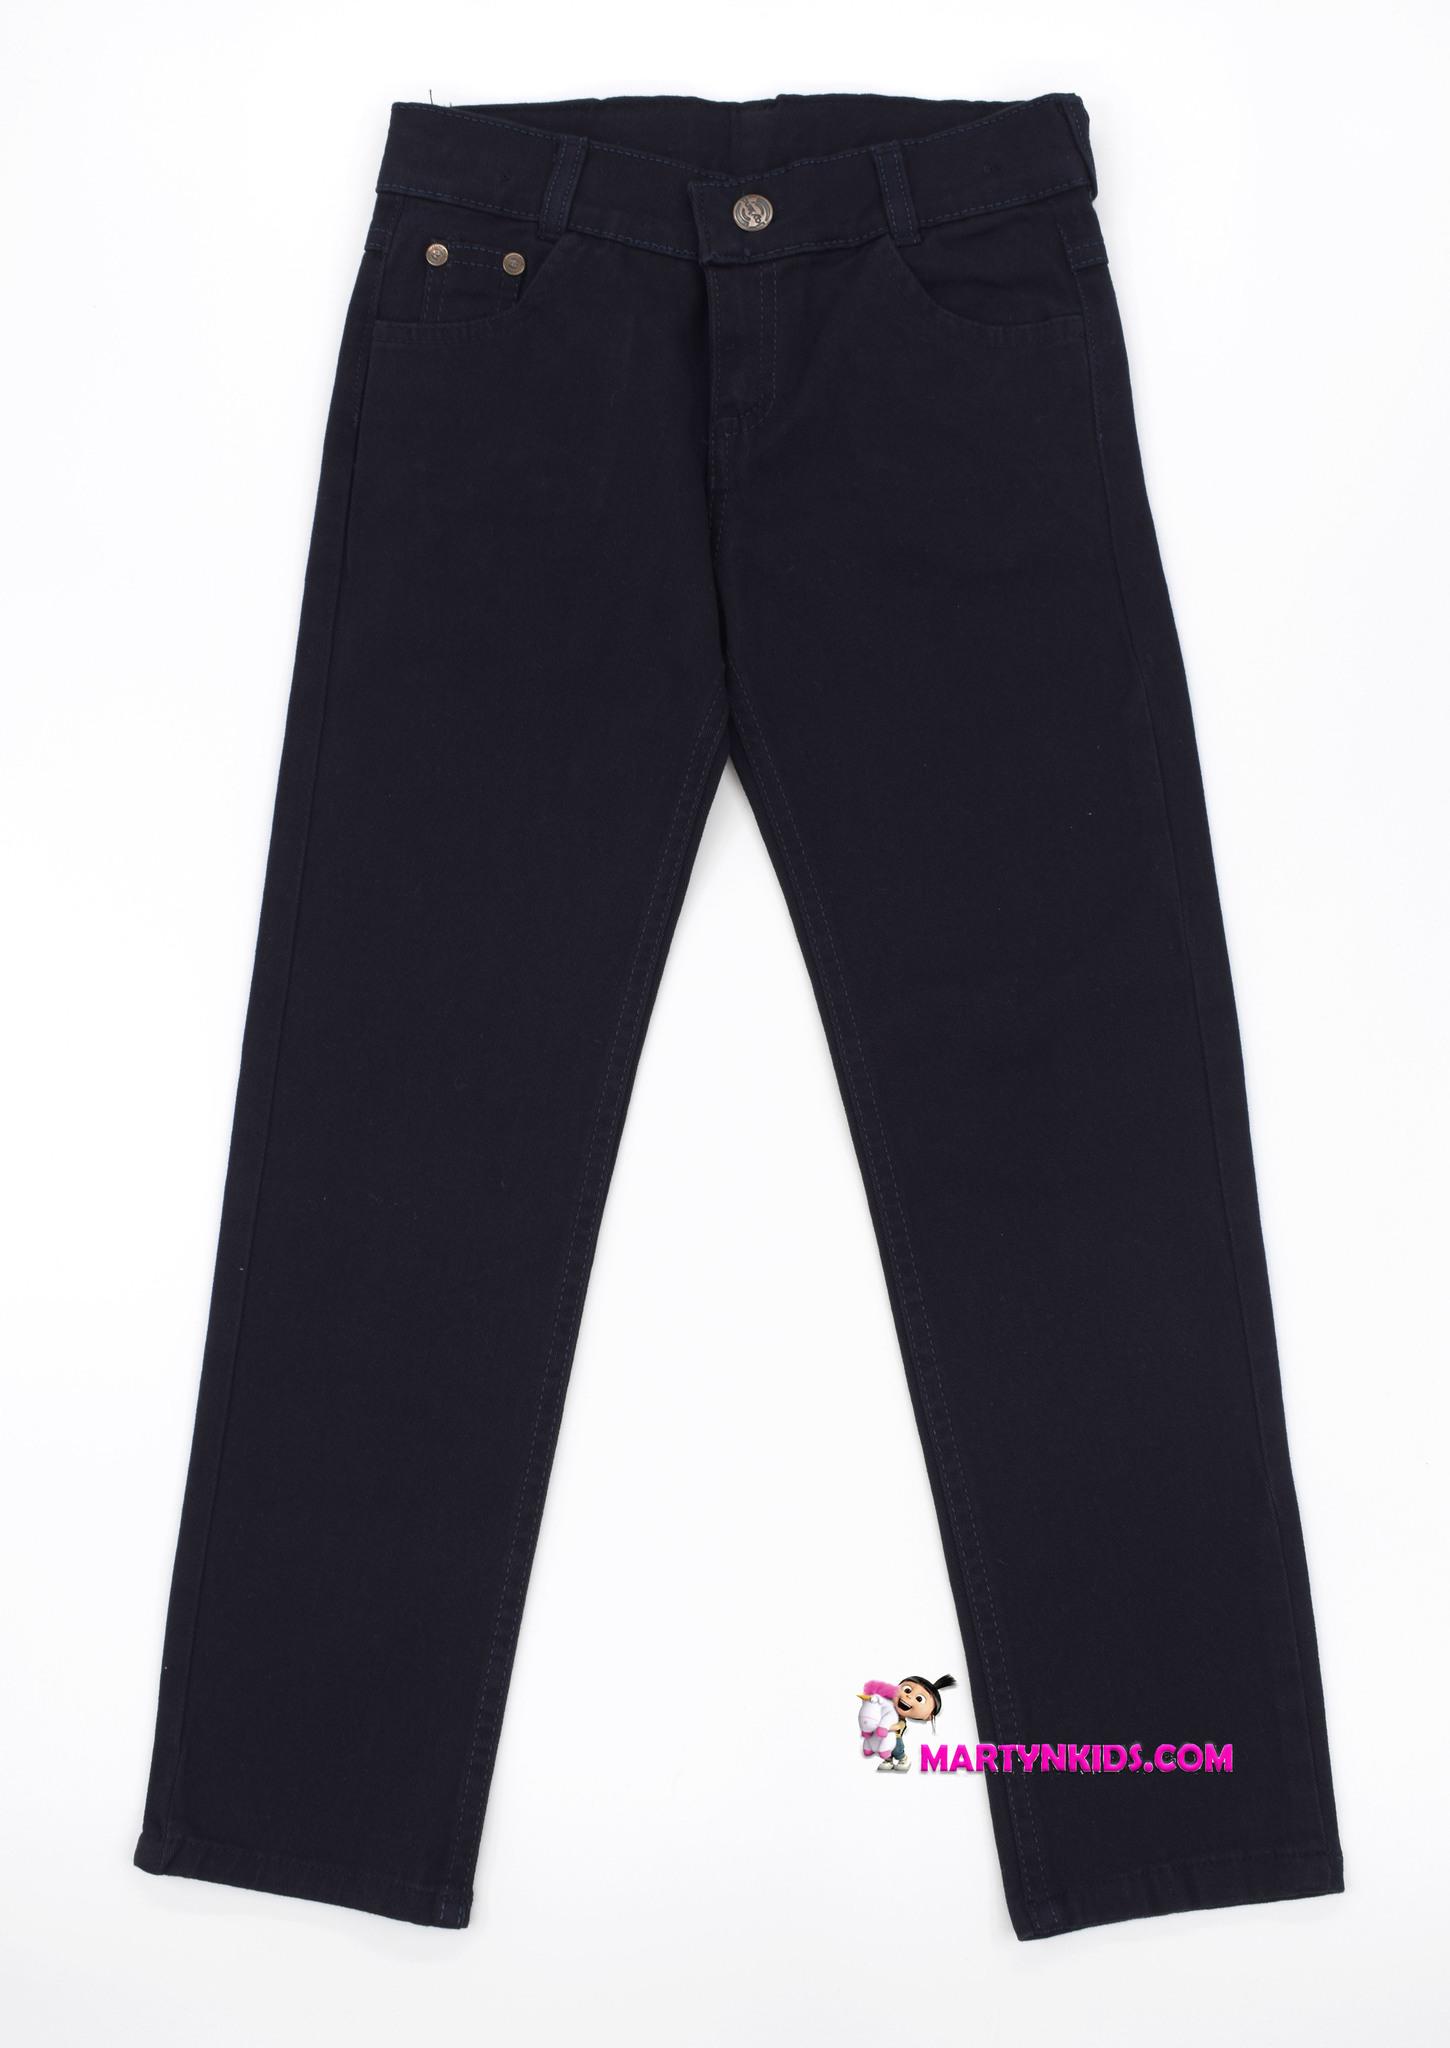 2336 джинсы-брюки школа подросток